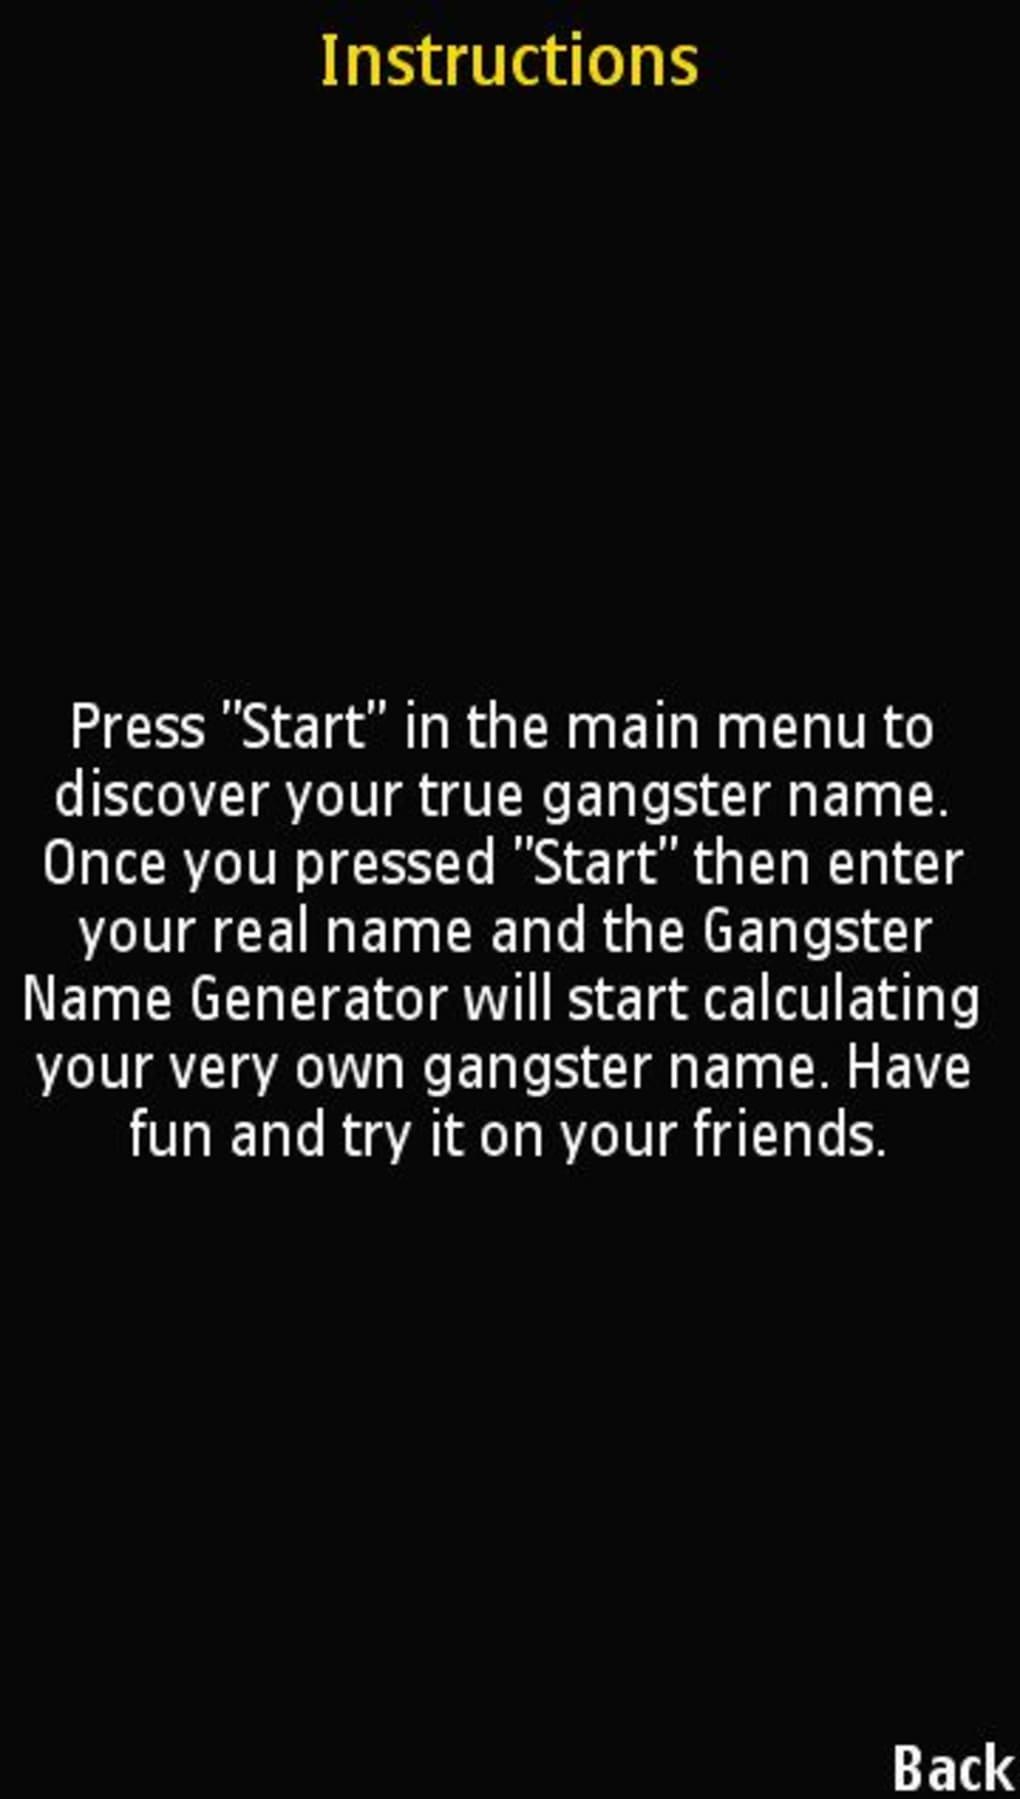 Thug name generator